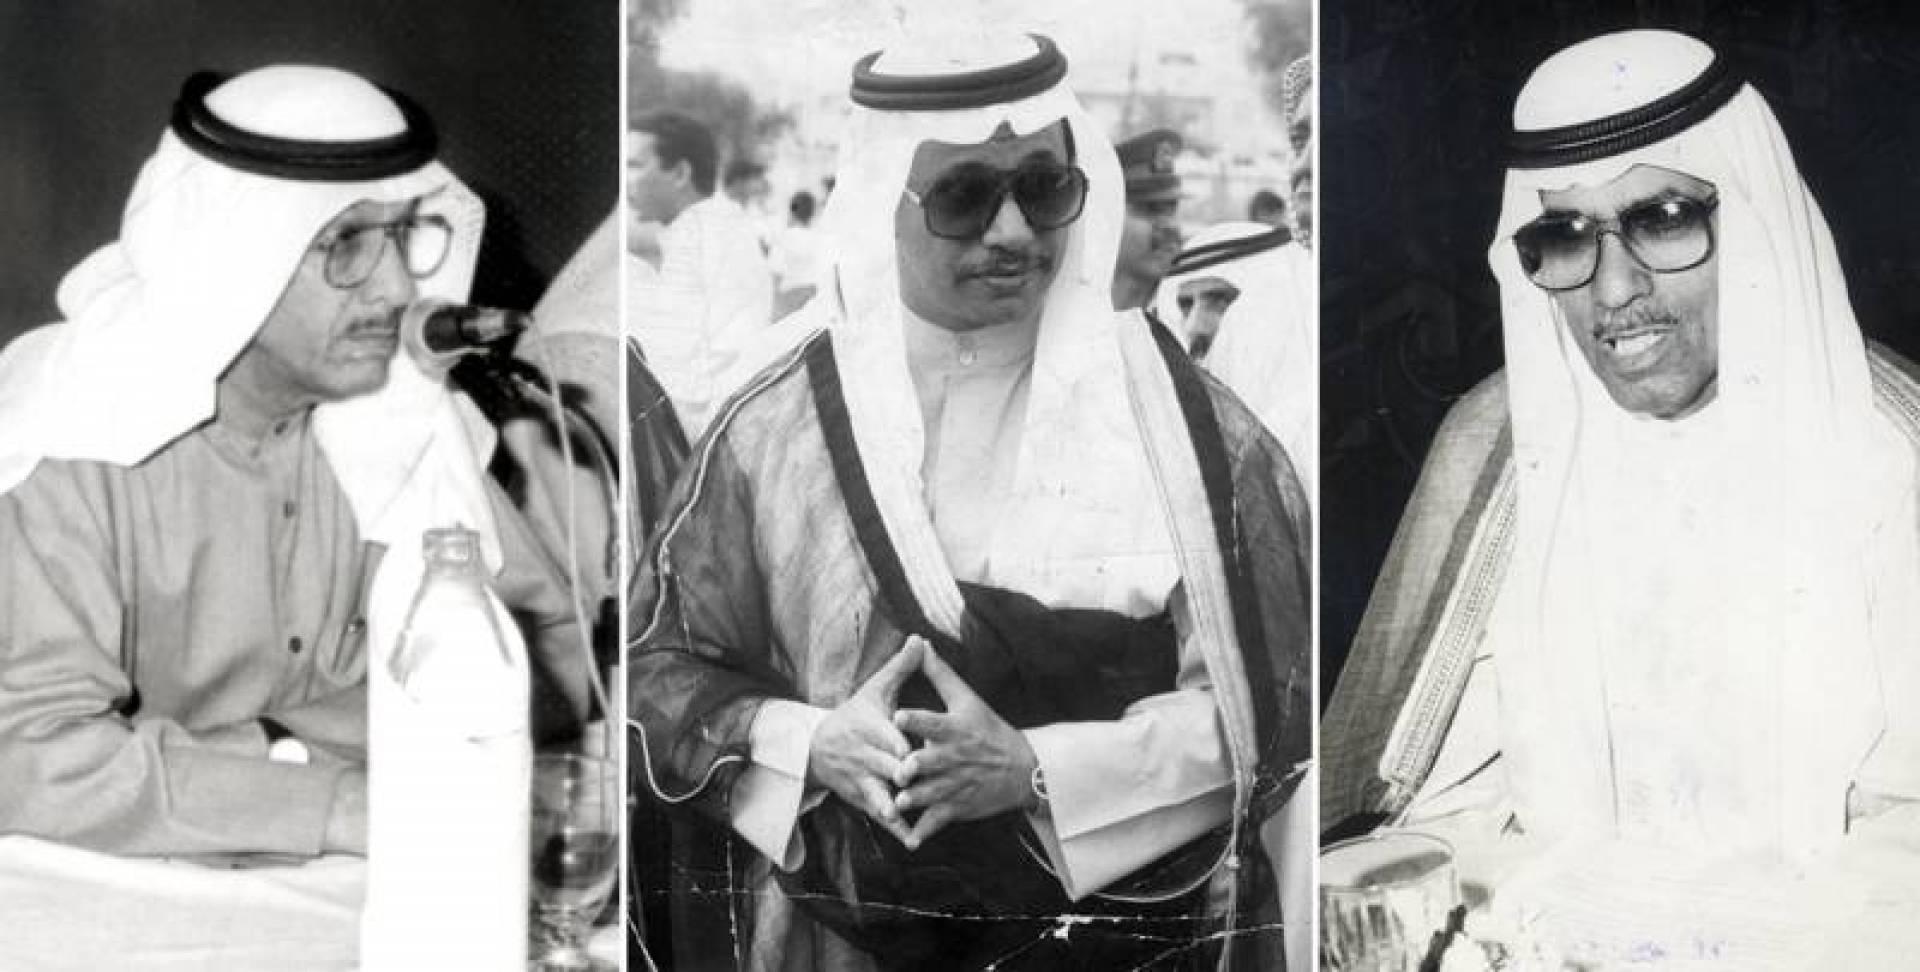 السيد عبدالرحمن المزروعي والشيخ جابر مبارك الحمد الصباح والسيد عبدالرحمن المزروعي